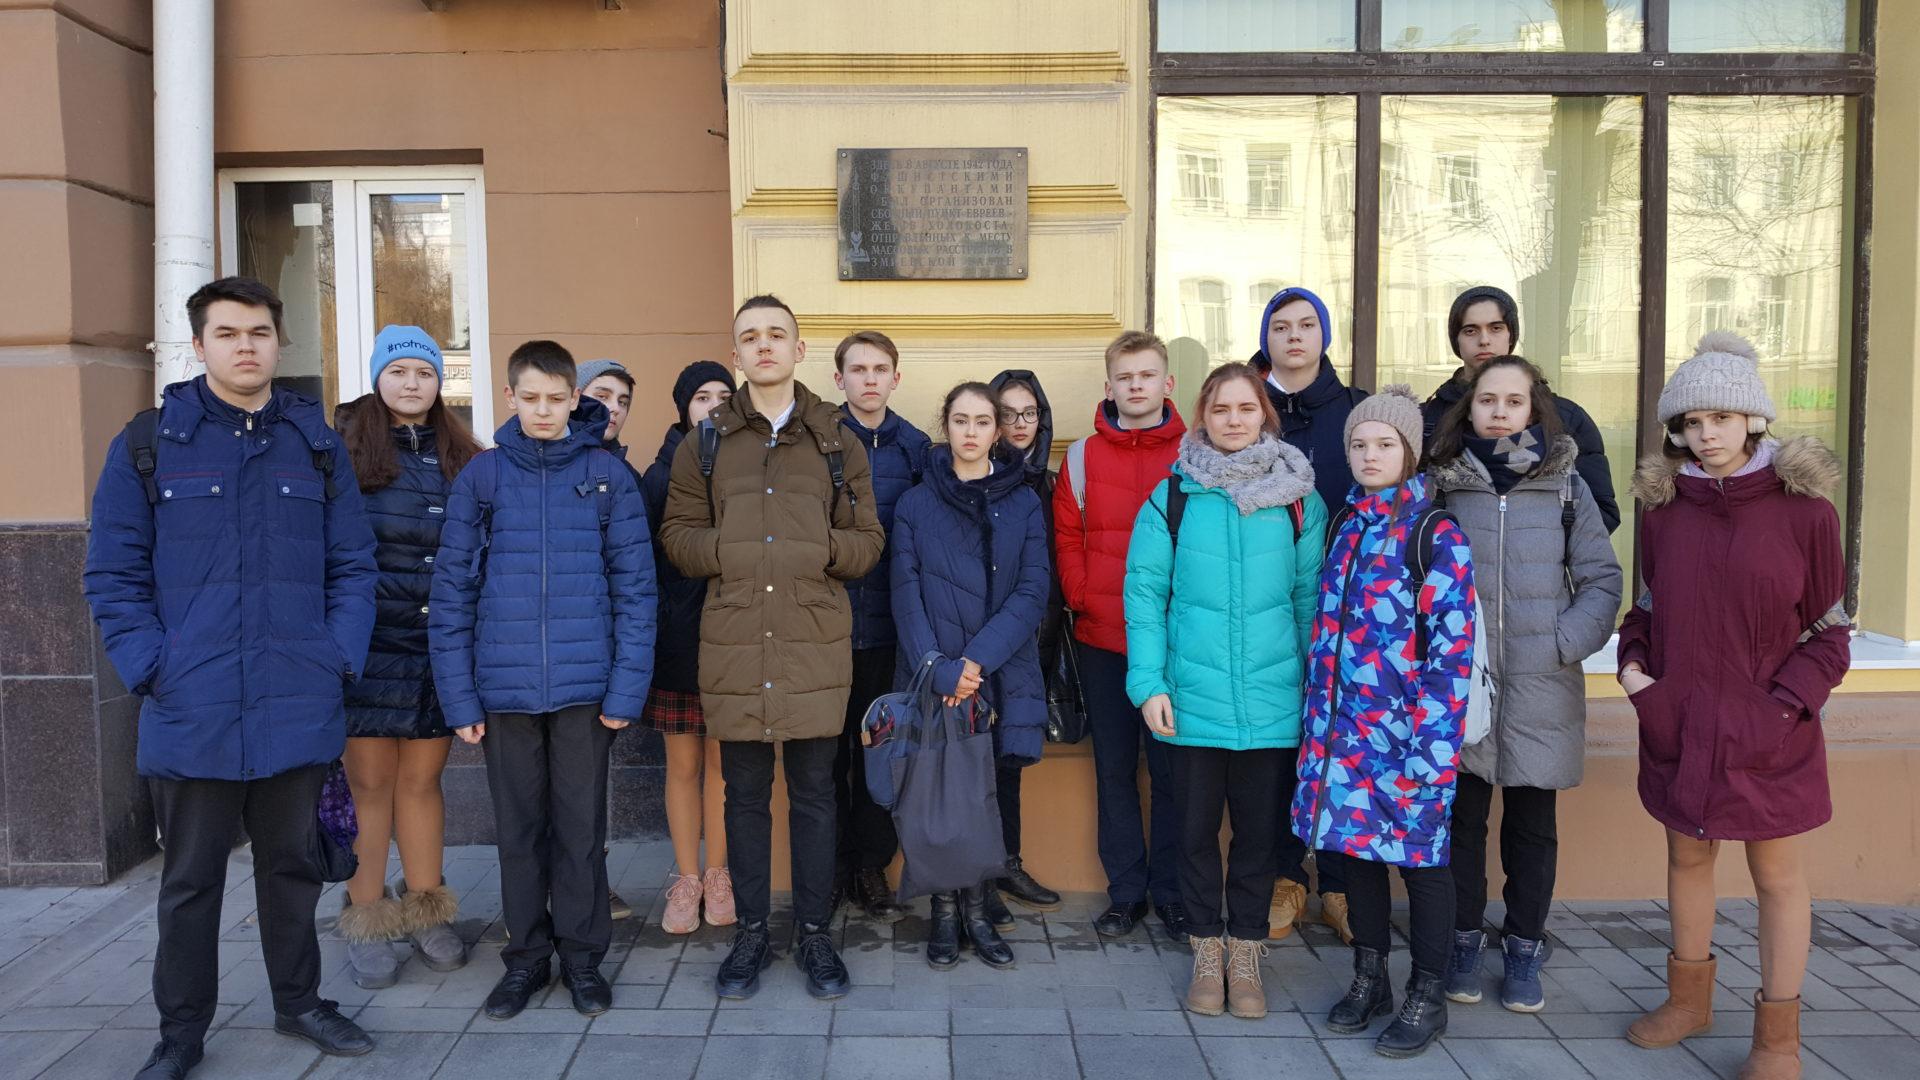 Гимназия имени Печерского почтила память жертв Холокоста